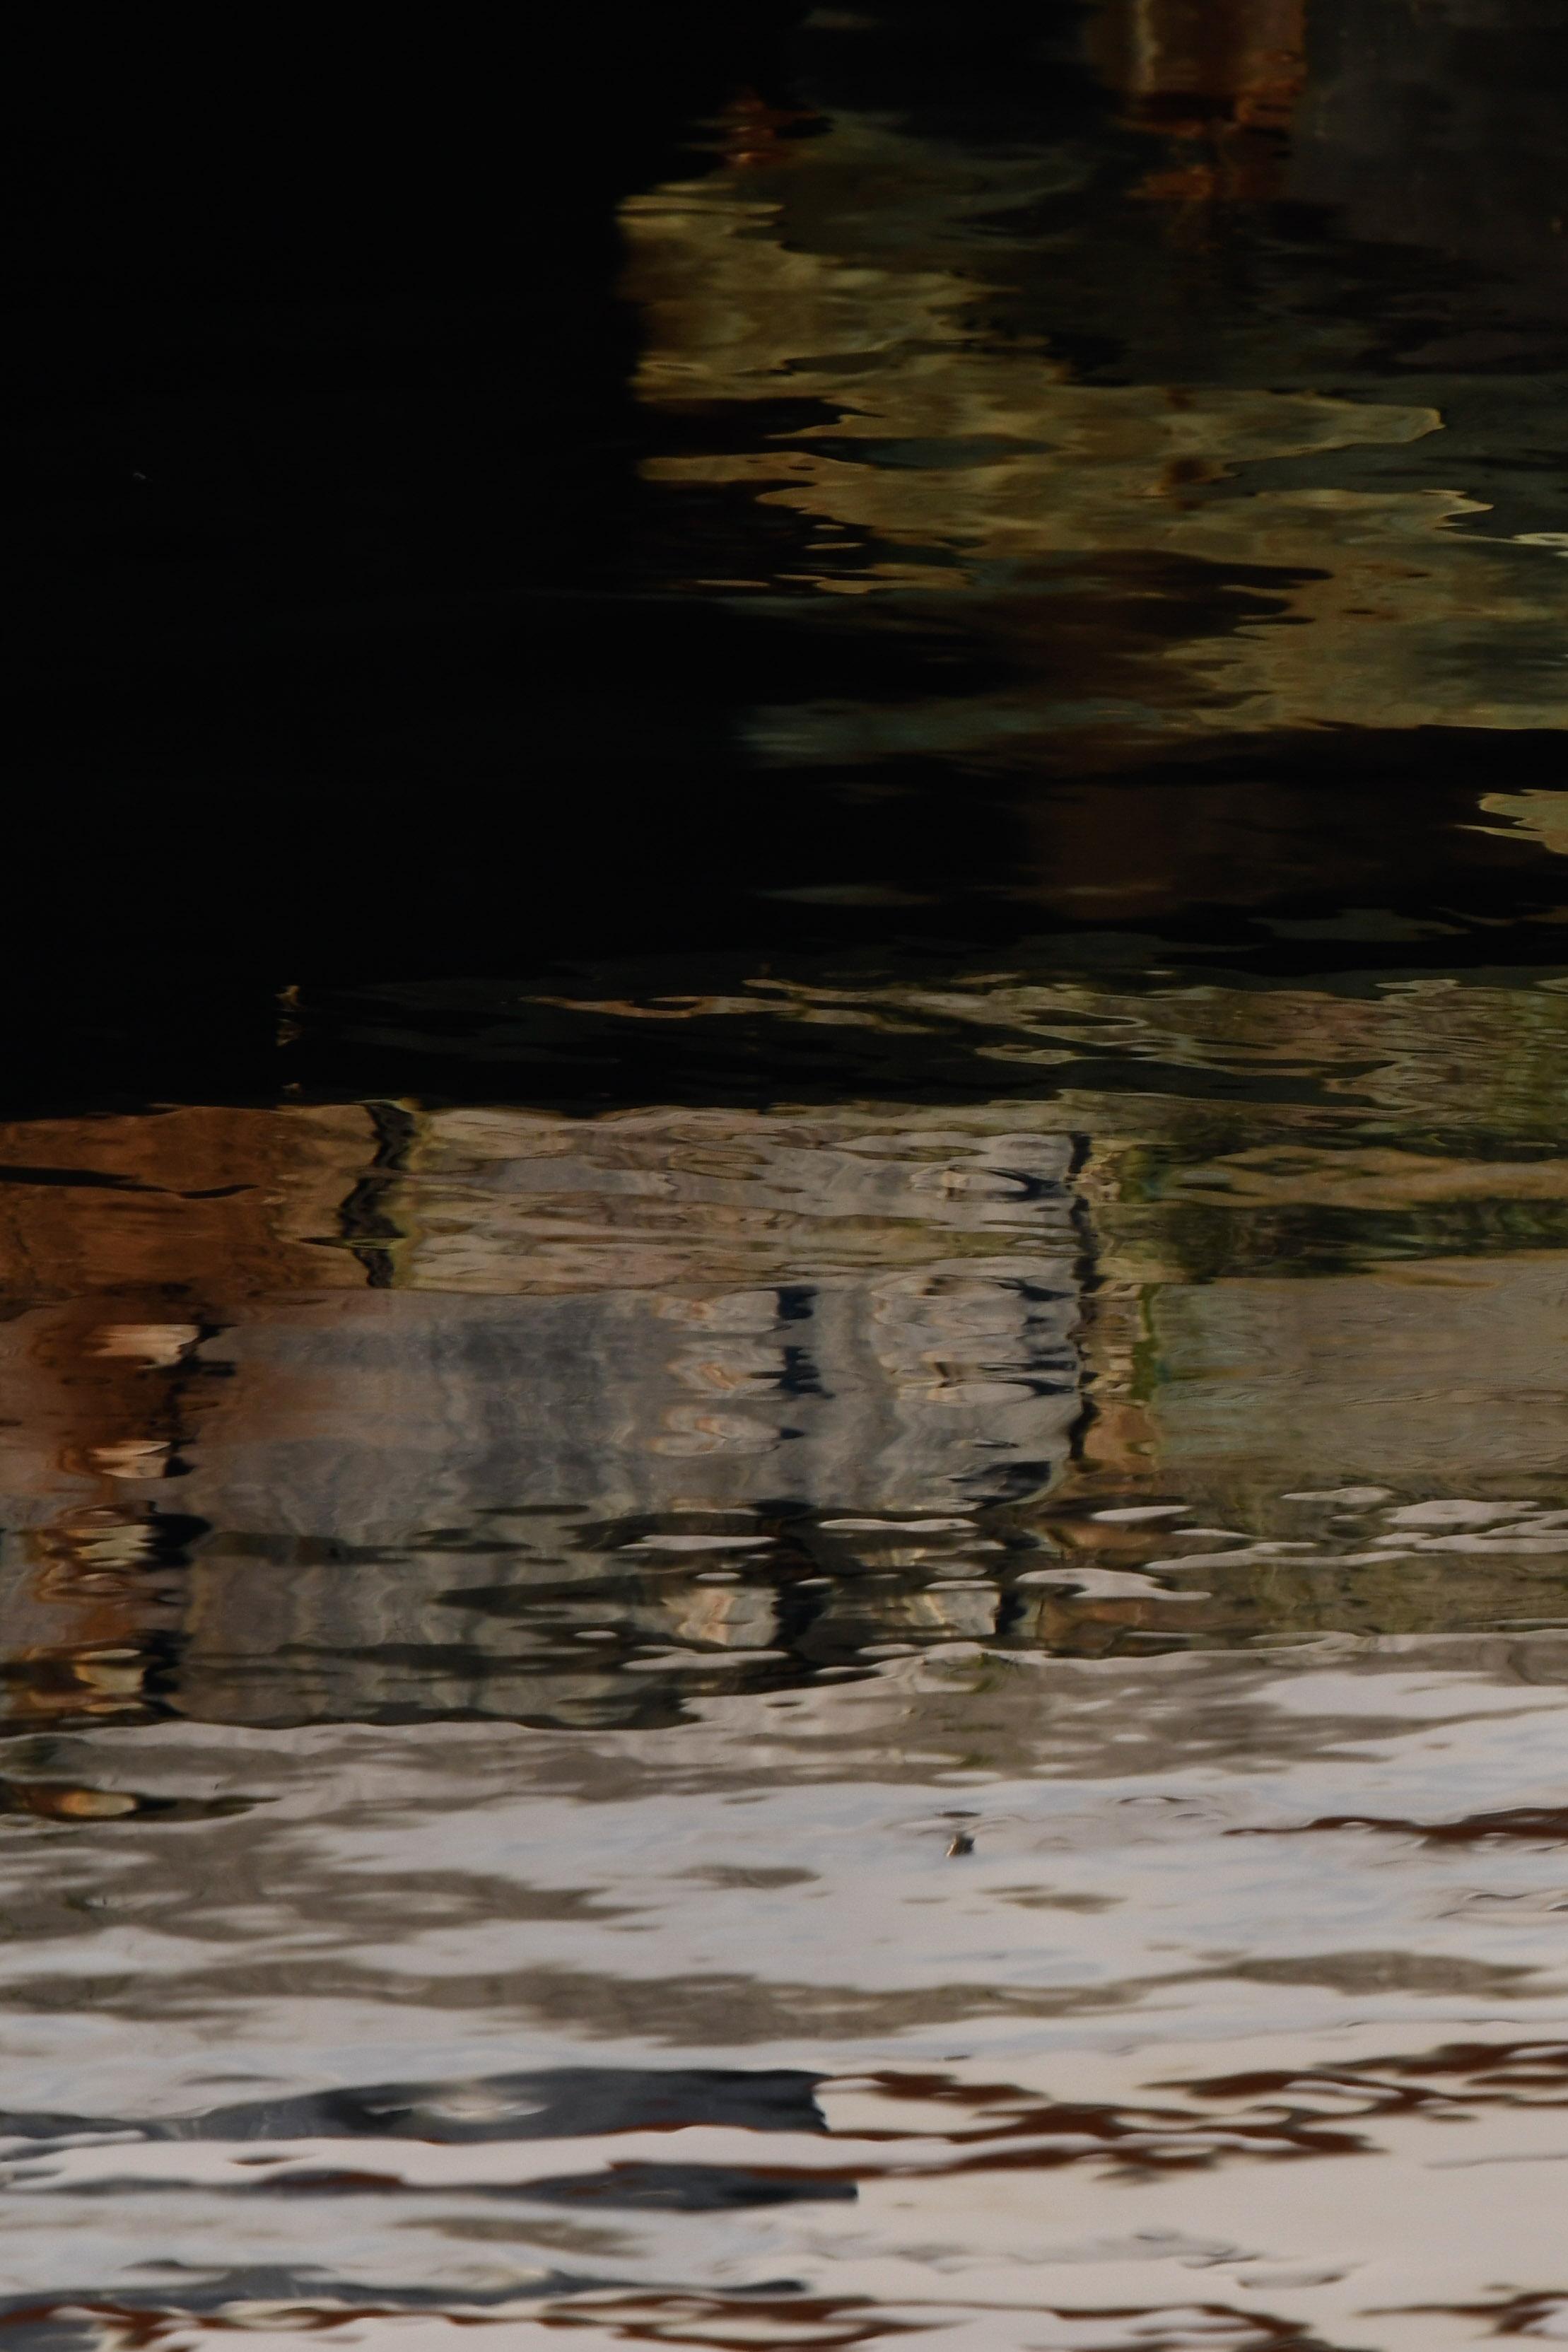 Reflection, Pt. Hudson, 2018